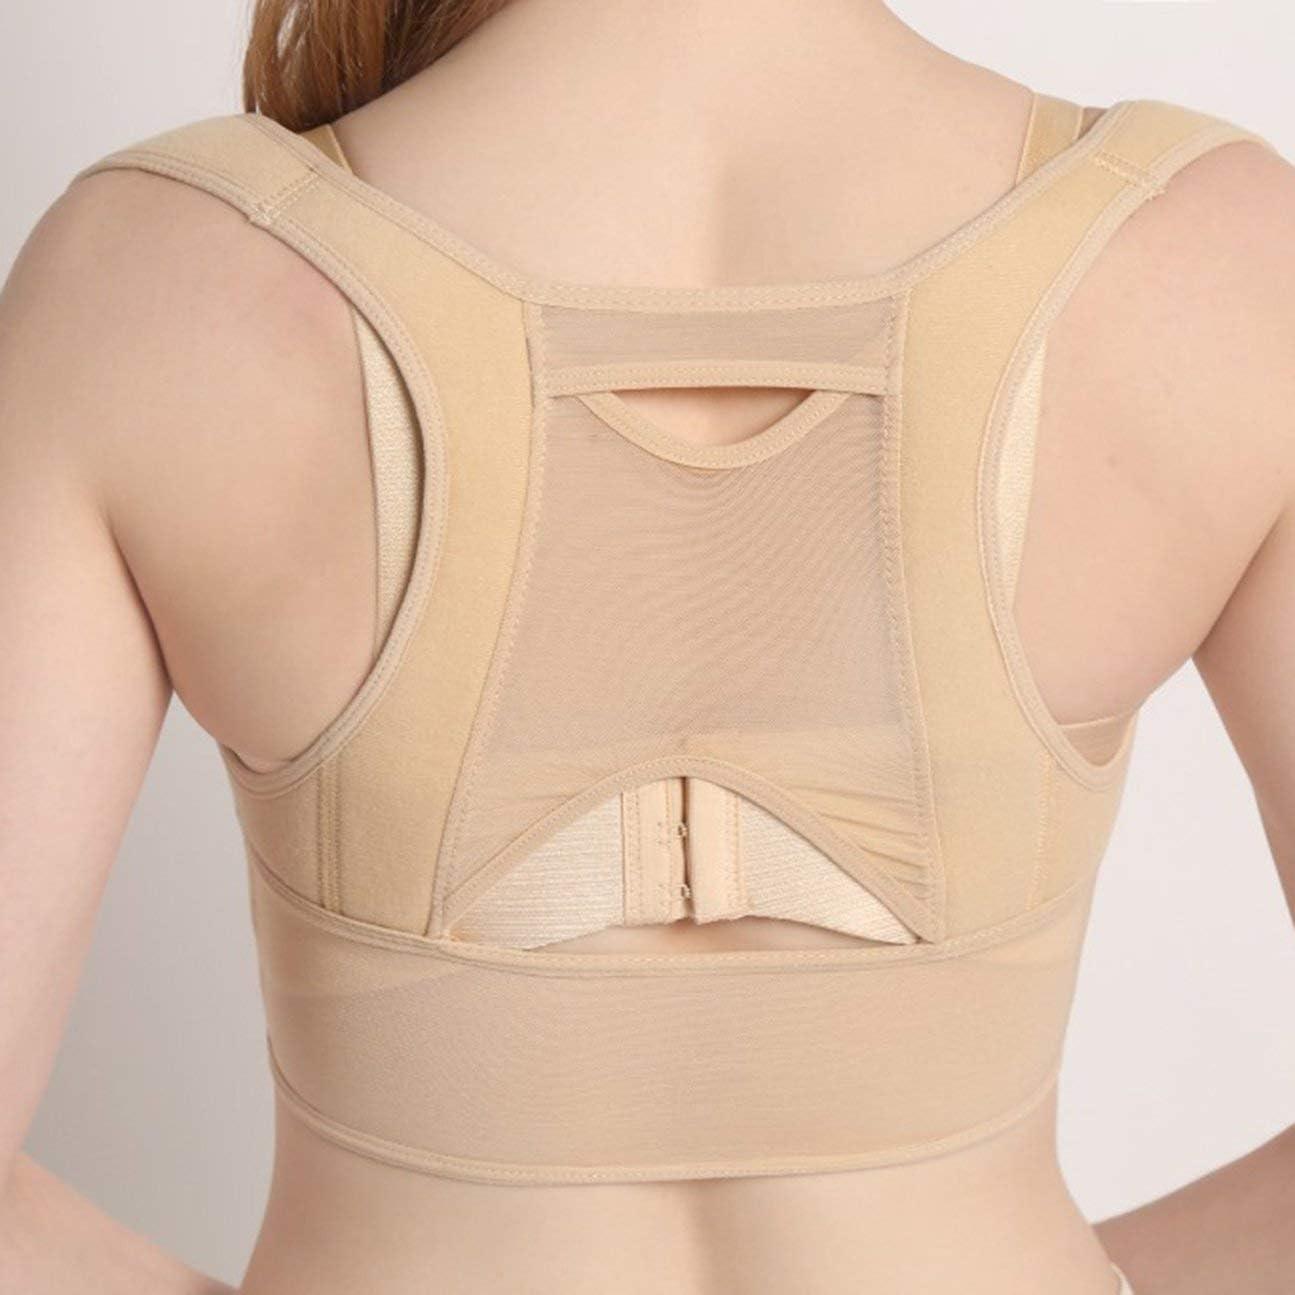 Mujeres Respirables Volver Corrección de la Postura Corsé Ortopédico Espalda Superior Hombro Columna Corrector de Postura Soporte Lumbar Beige Blanco L